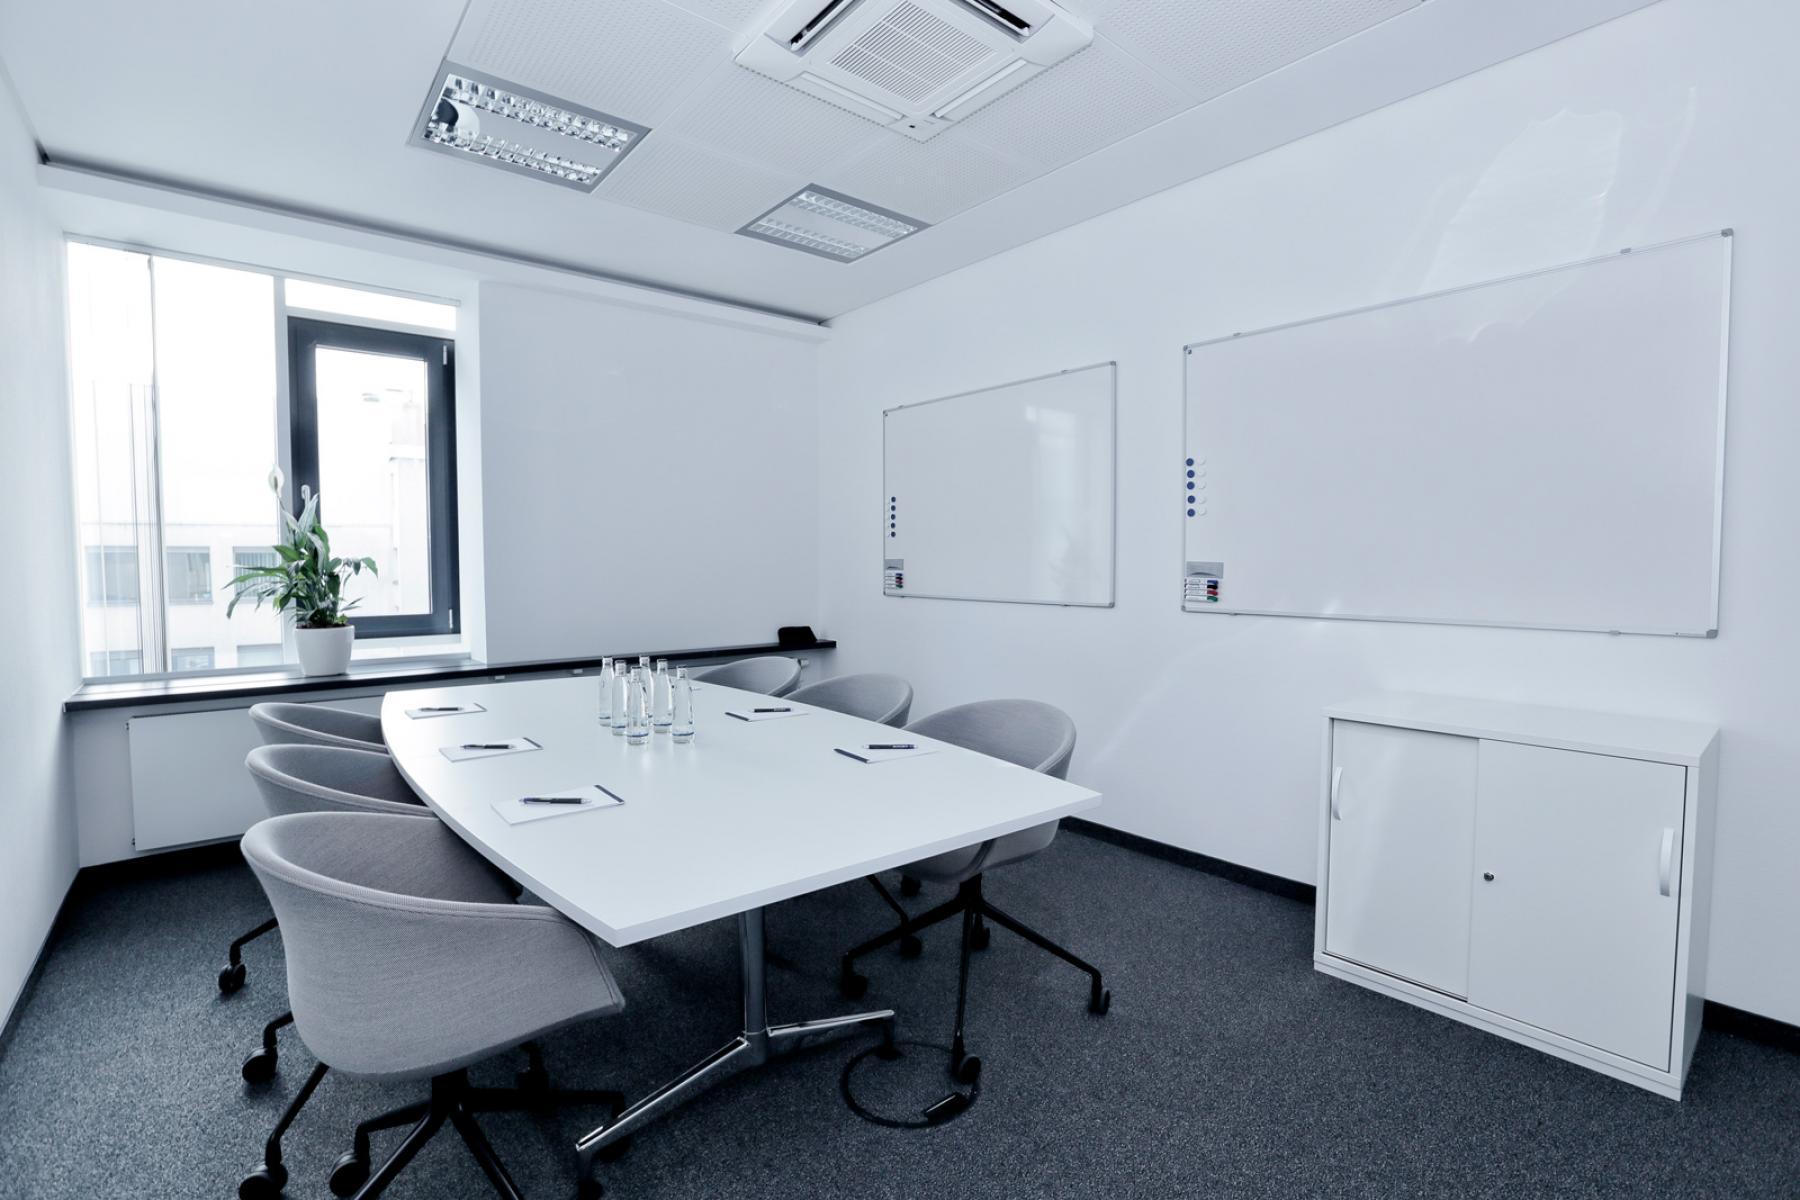 Stilvoll und hochmodern eingerichteter Konferenzraum